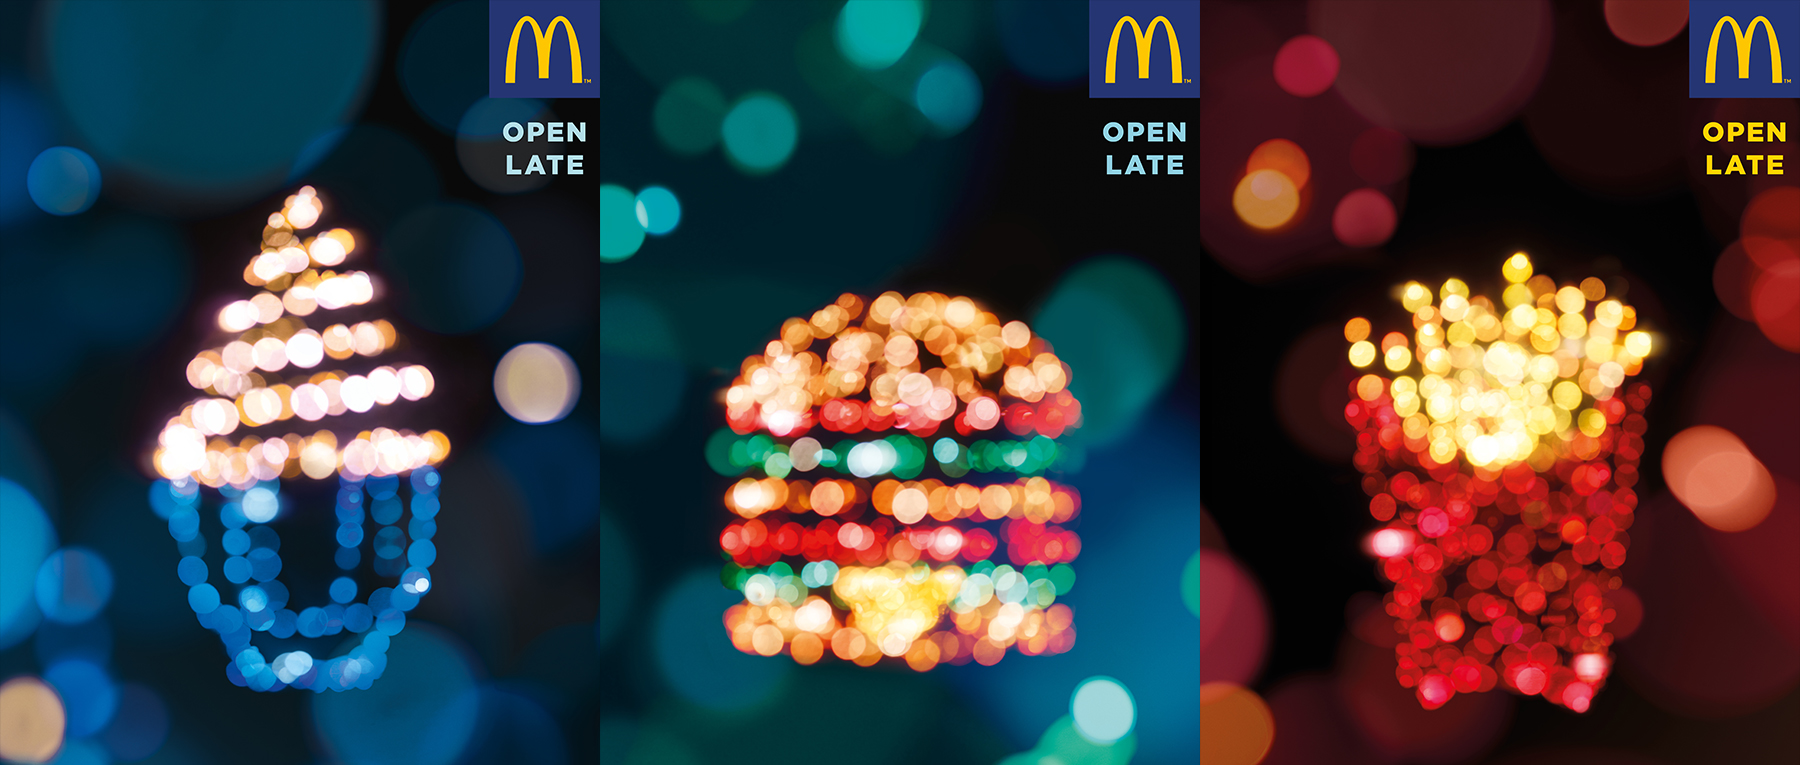 McDonalds_OpenLate17